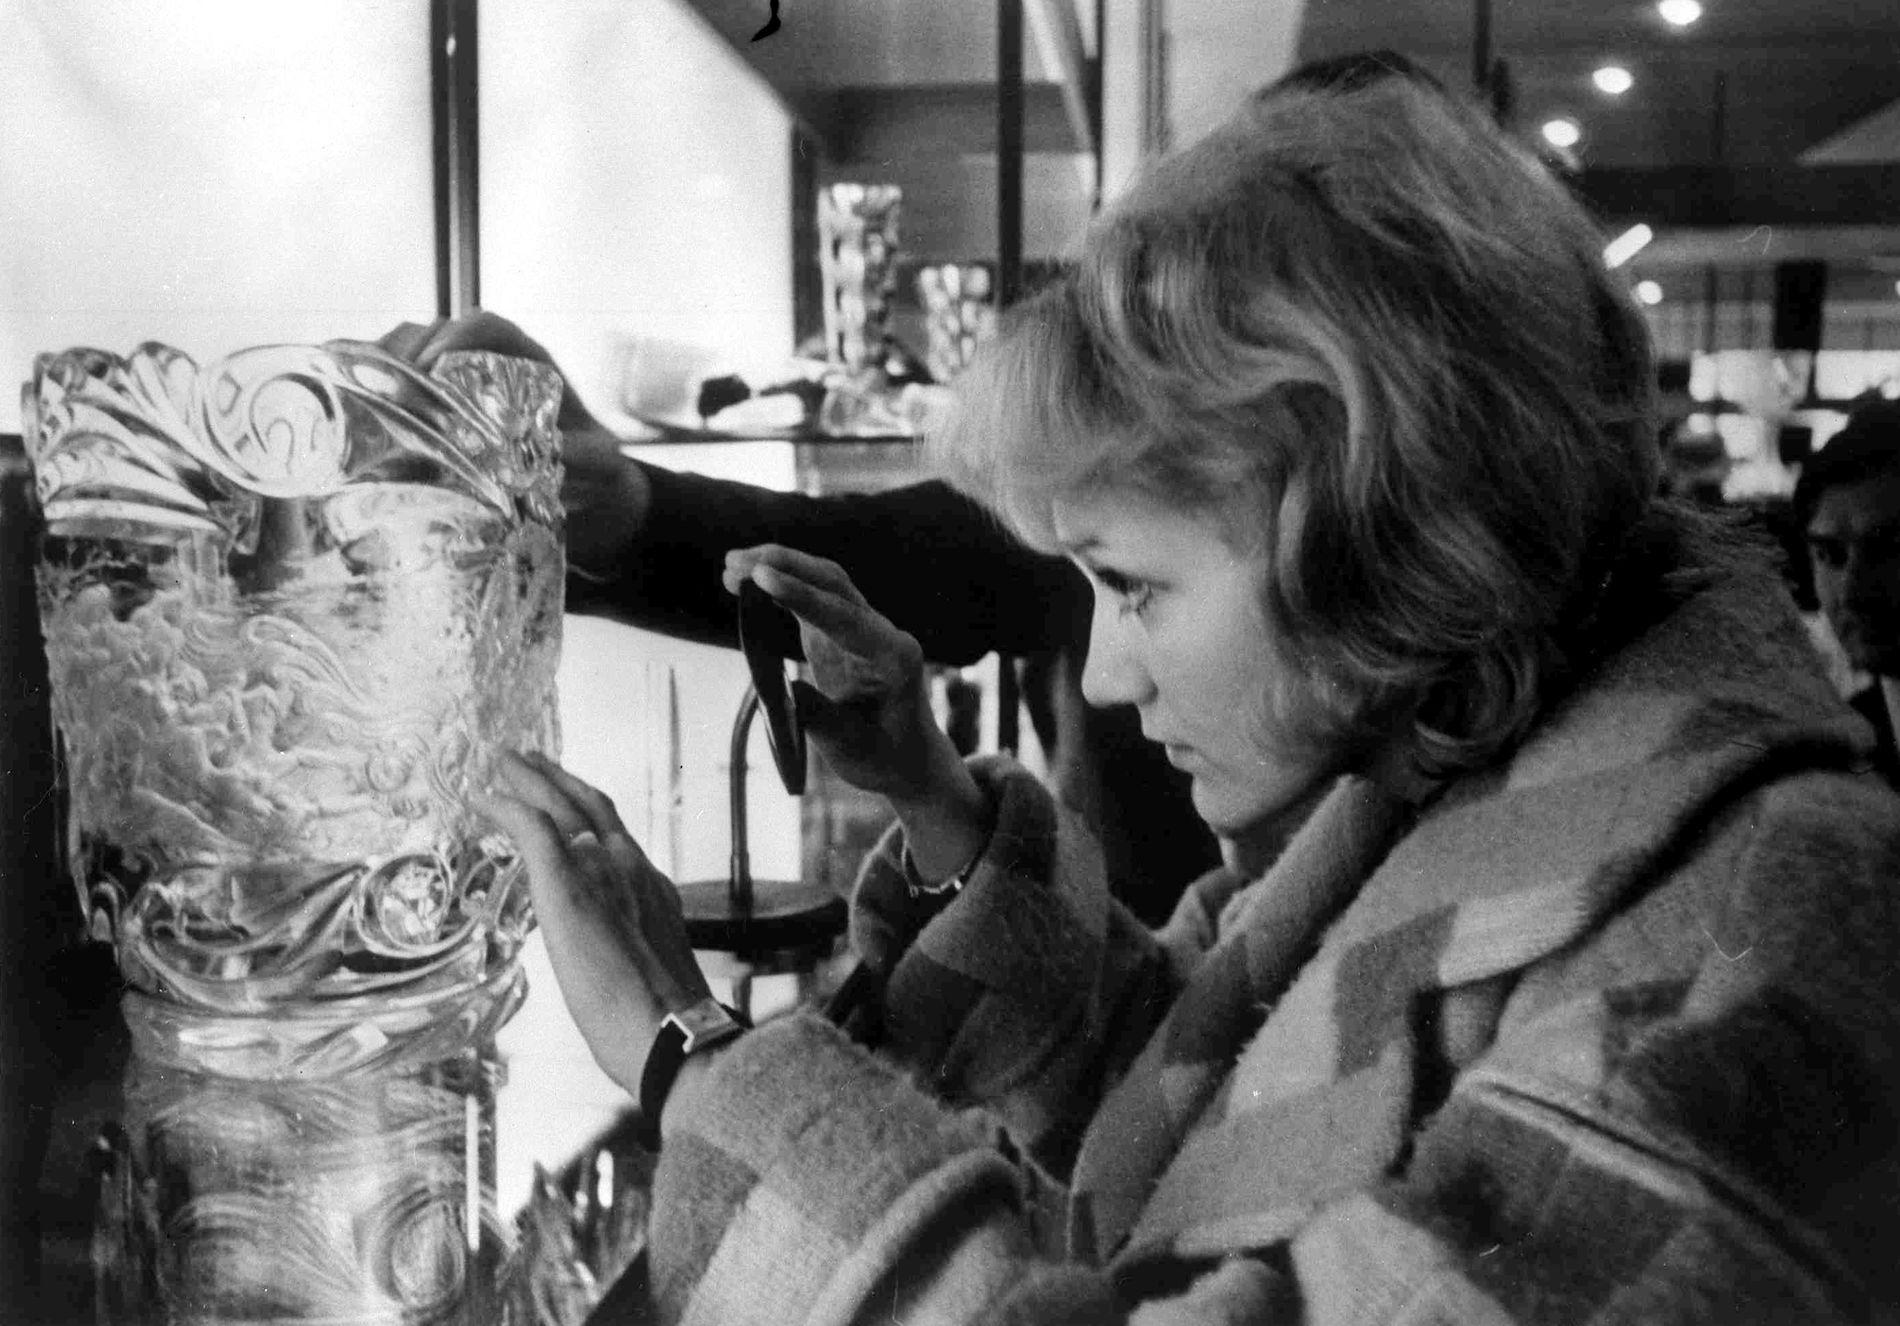 ENESTE OVERLEVENDE: Flyvertinnen Vesna Vulovic var den eneste overlevende i et flykrasj 26. januar 1972. Bildet er tatt i september samme år, ni måneder etter ulykken.